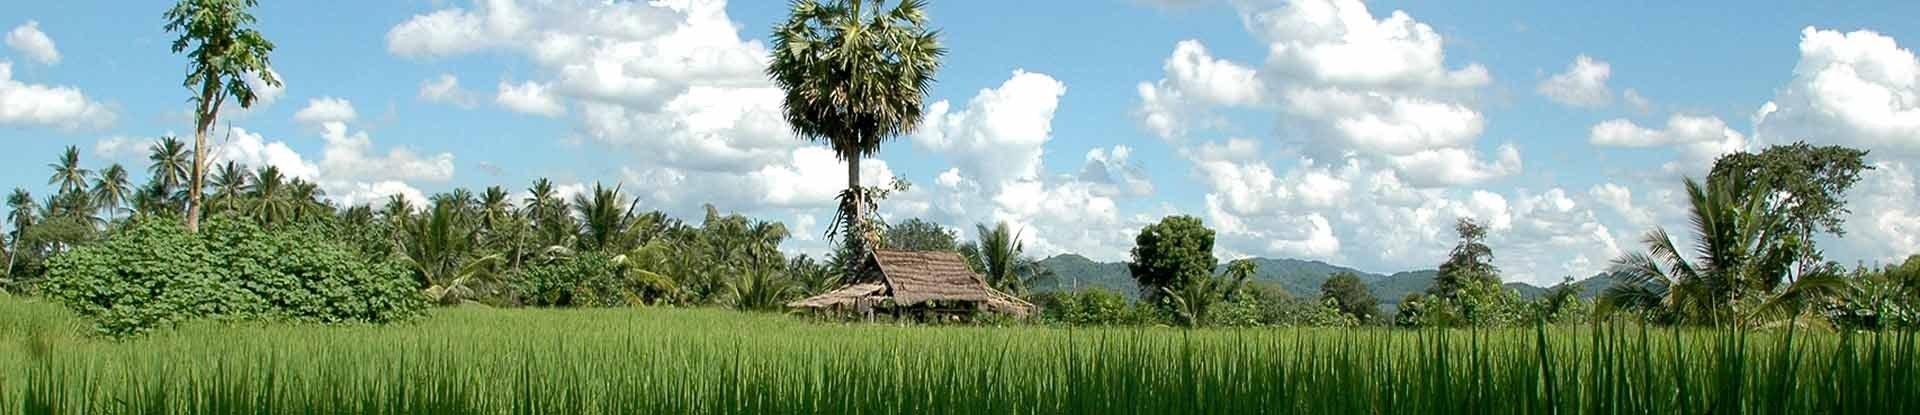 Radreise Süd-Thailand